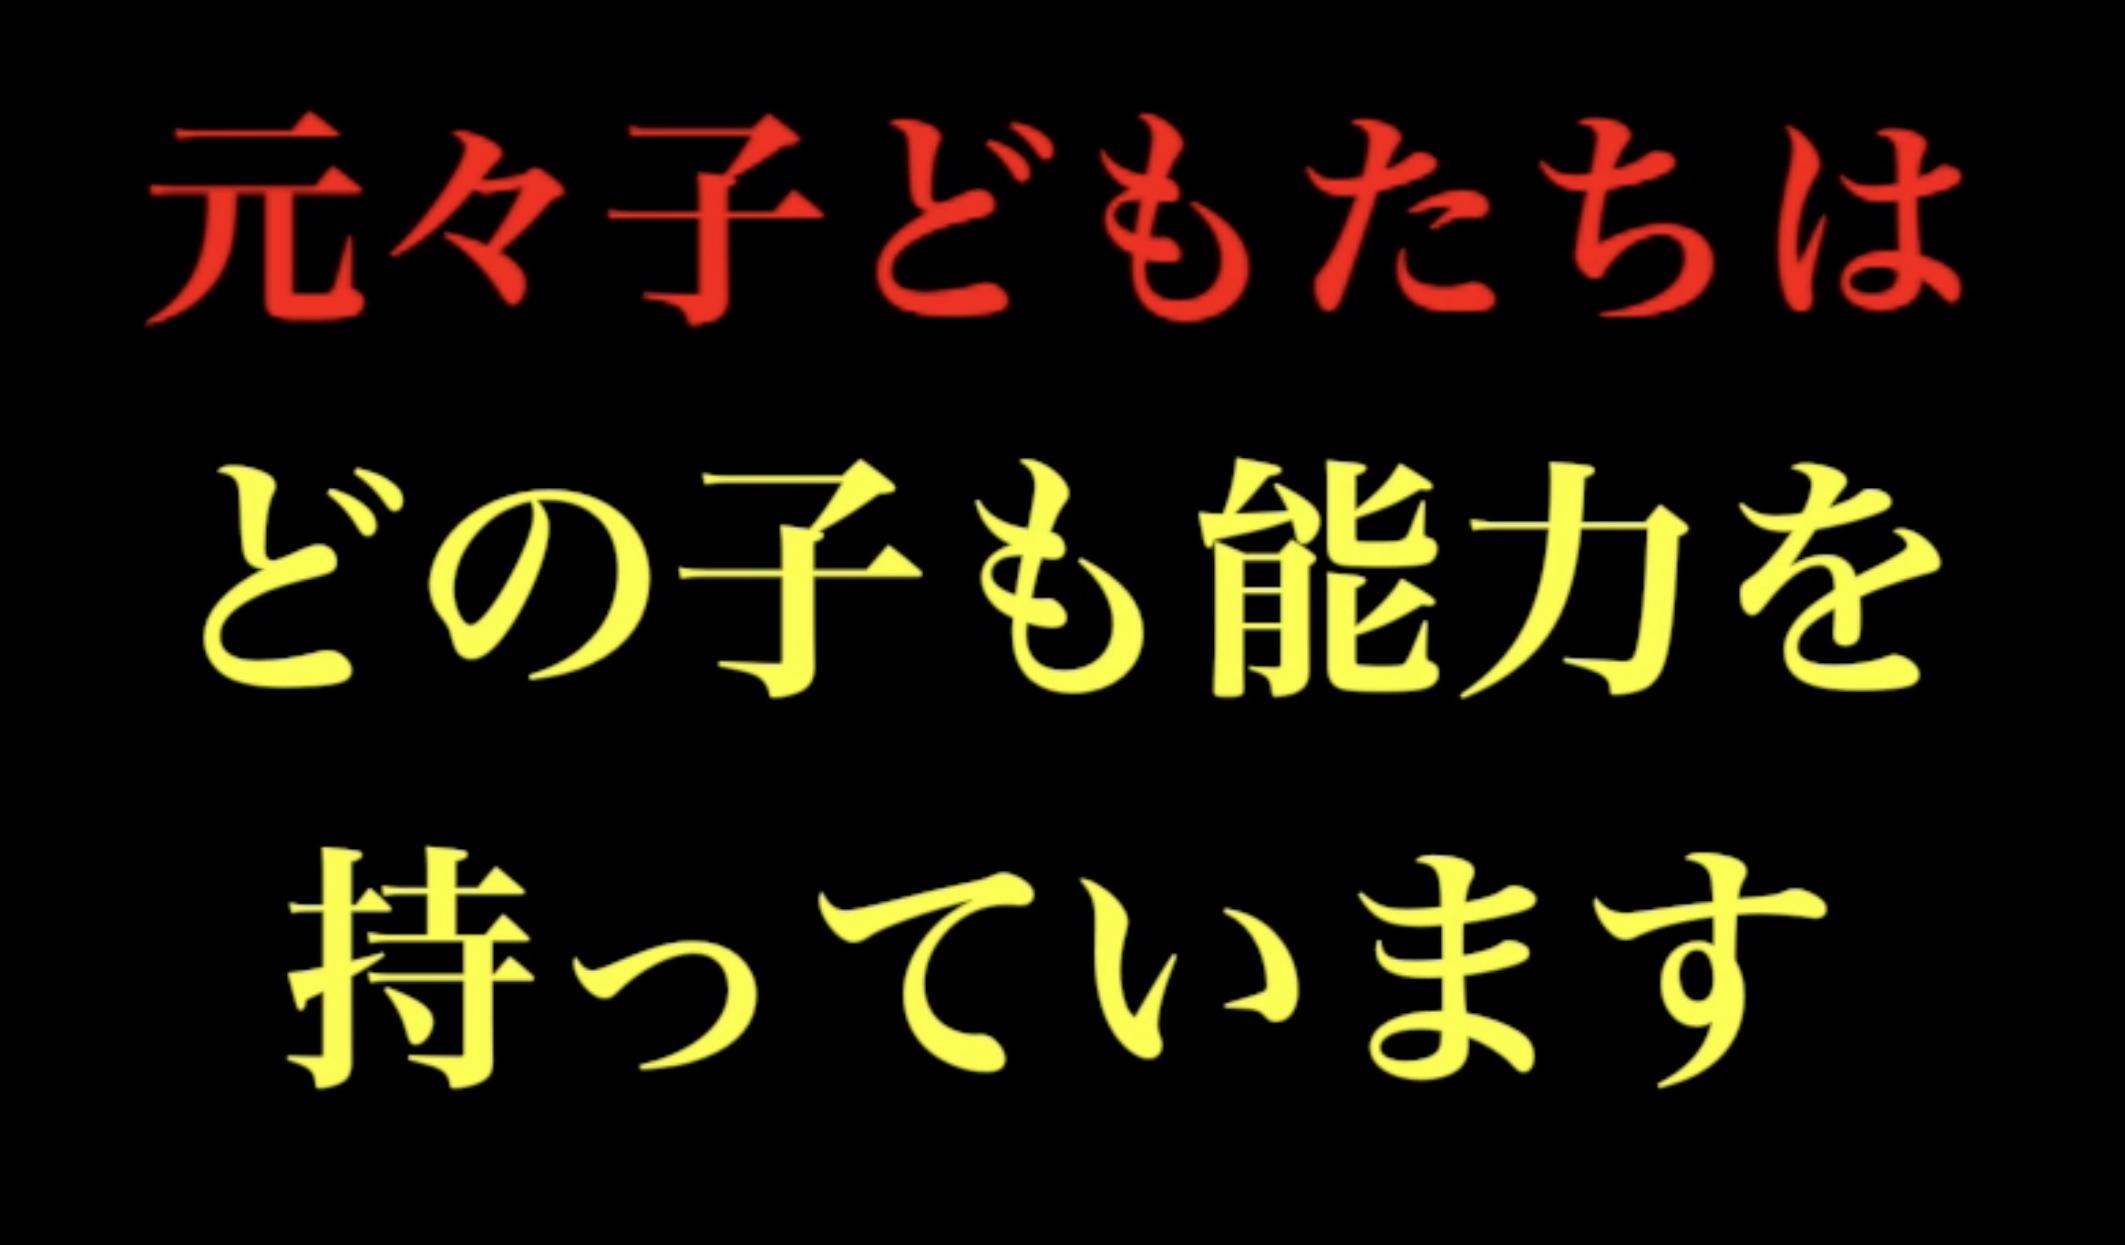 第2882話・・・バレー塾in伊達_c0000970_14442915.jpg